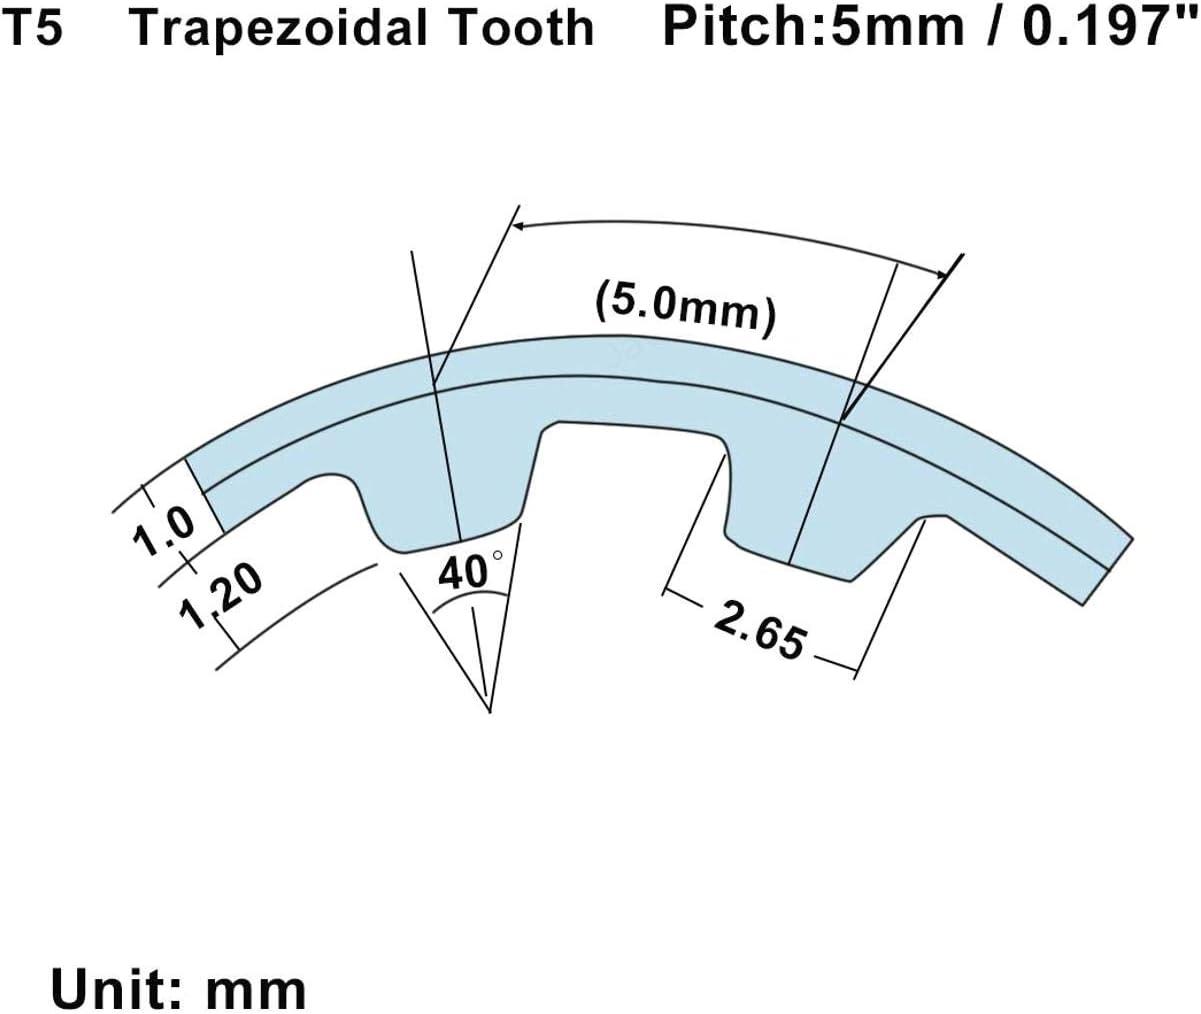 SALAKA La Courroie de synchronisation en Caoutchouc de Largeur de 10mm synchronise Les Outils T5-610 de Courroie de Boucle ferm/ée de Ceinture